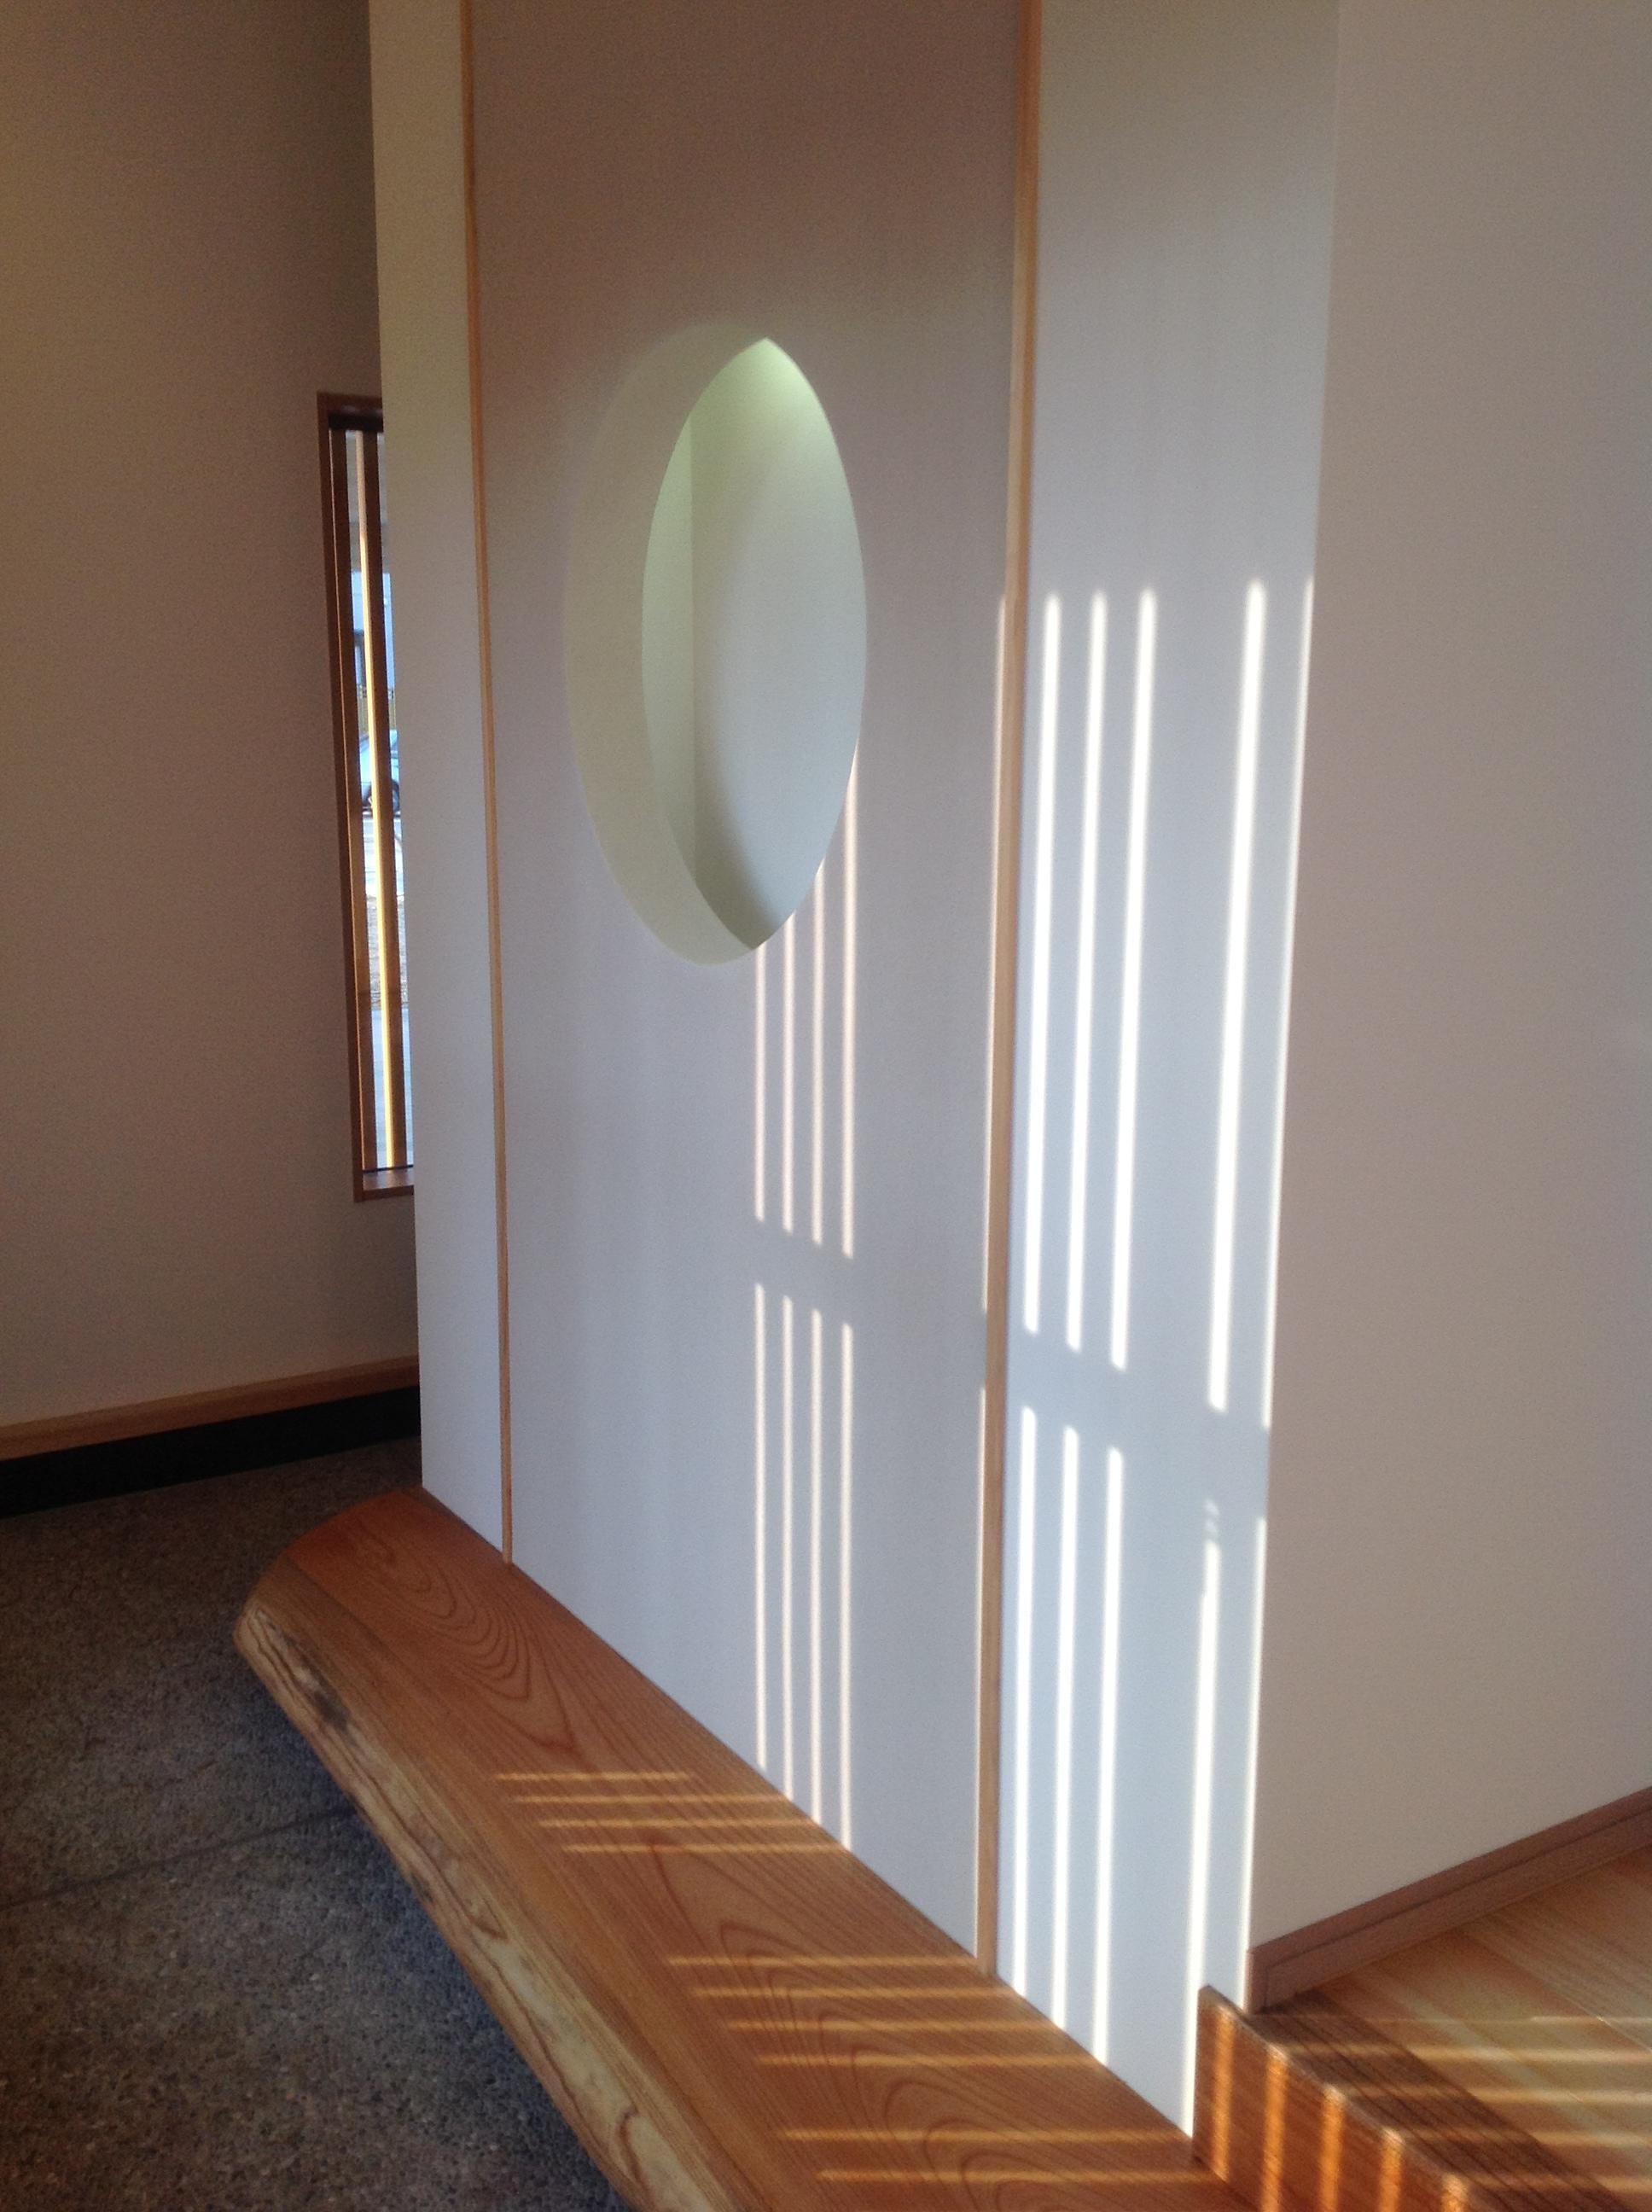 【玄関ホール】お客様を出迎えるのは、多くの無垢材と格子が作り出す陰影 。夜には玄関にお月様が浮かびあがる細工が